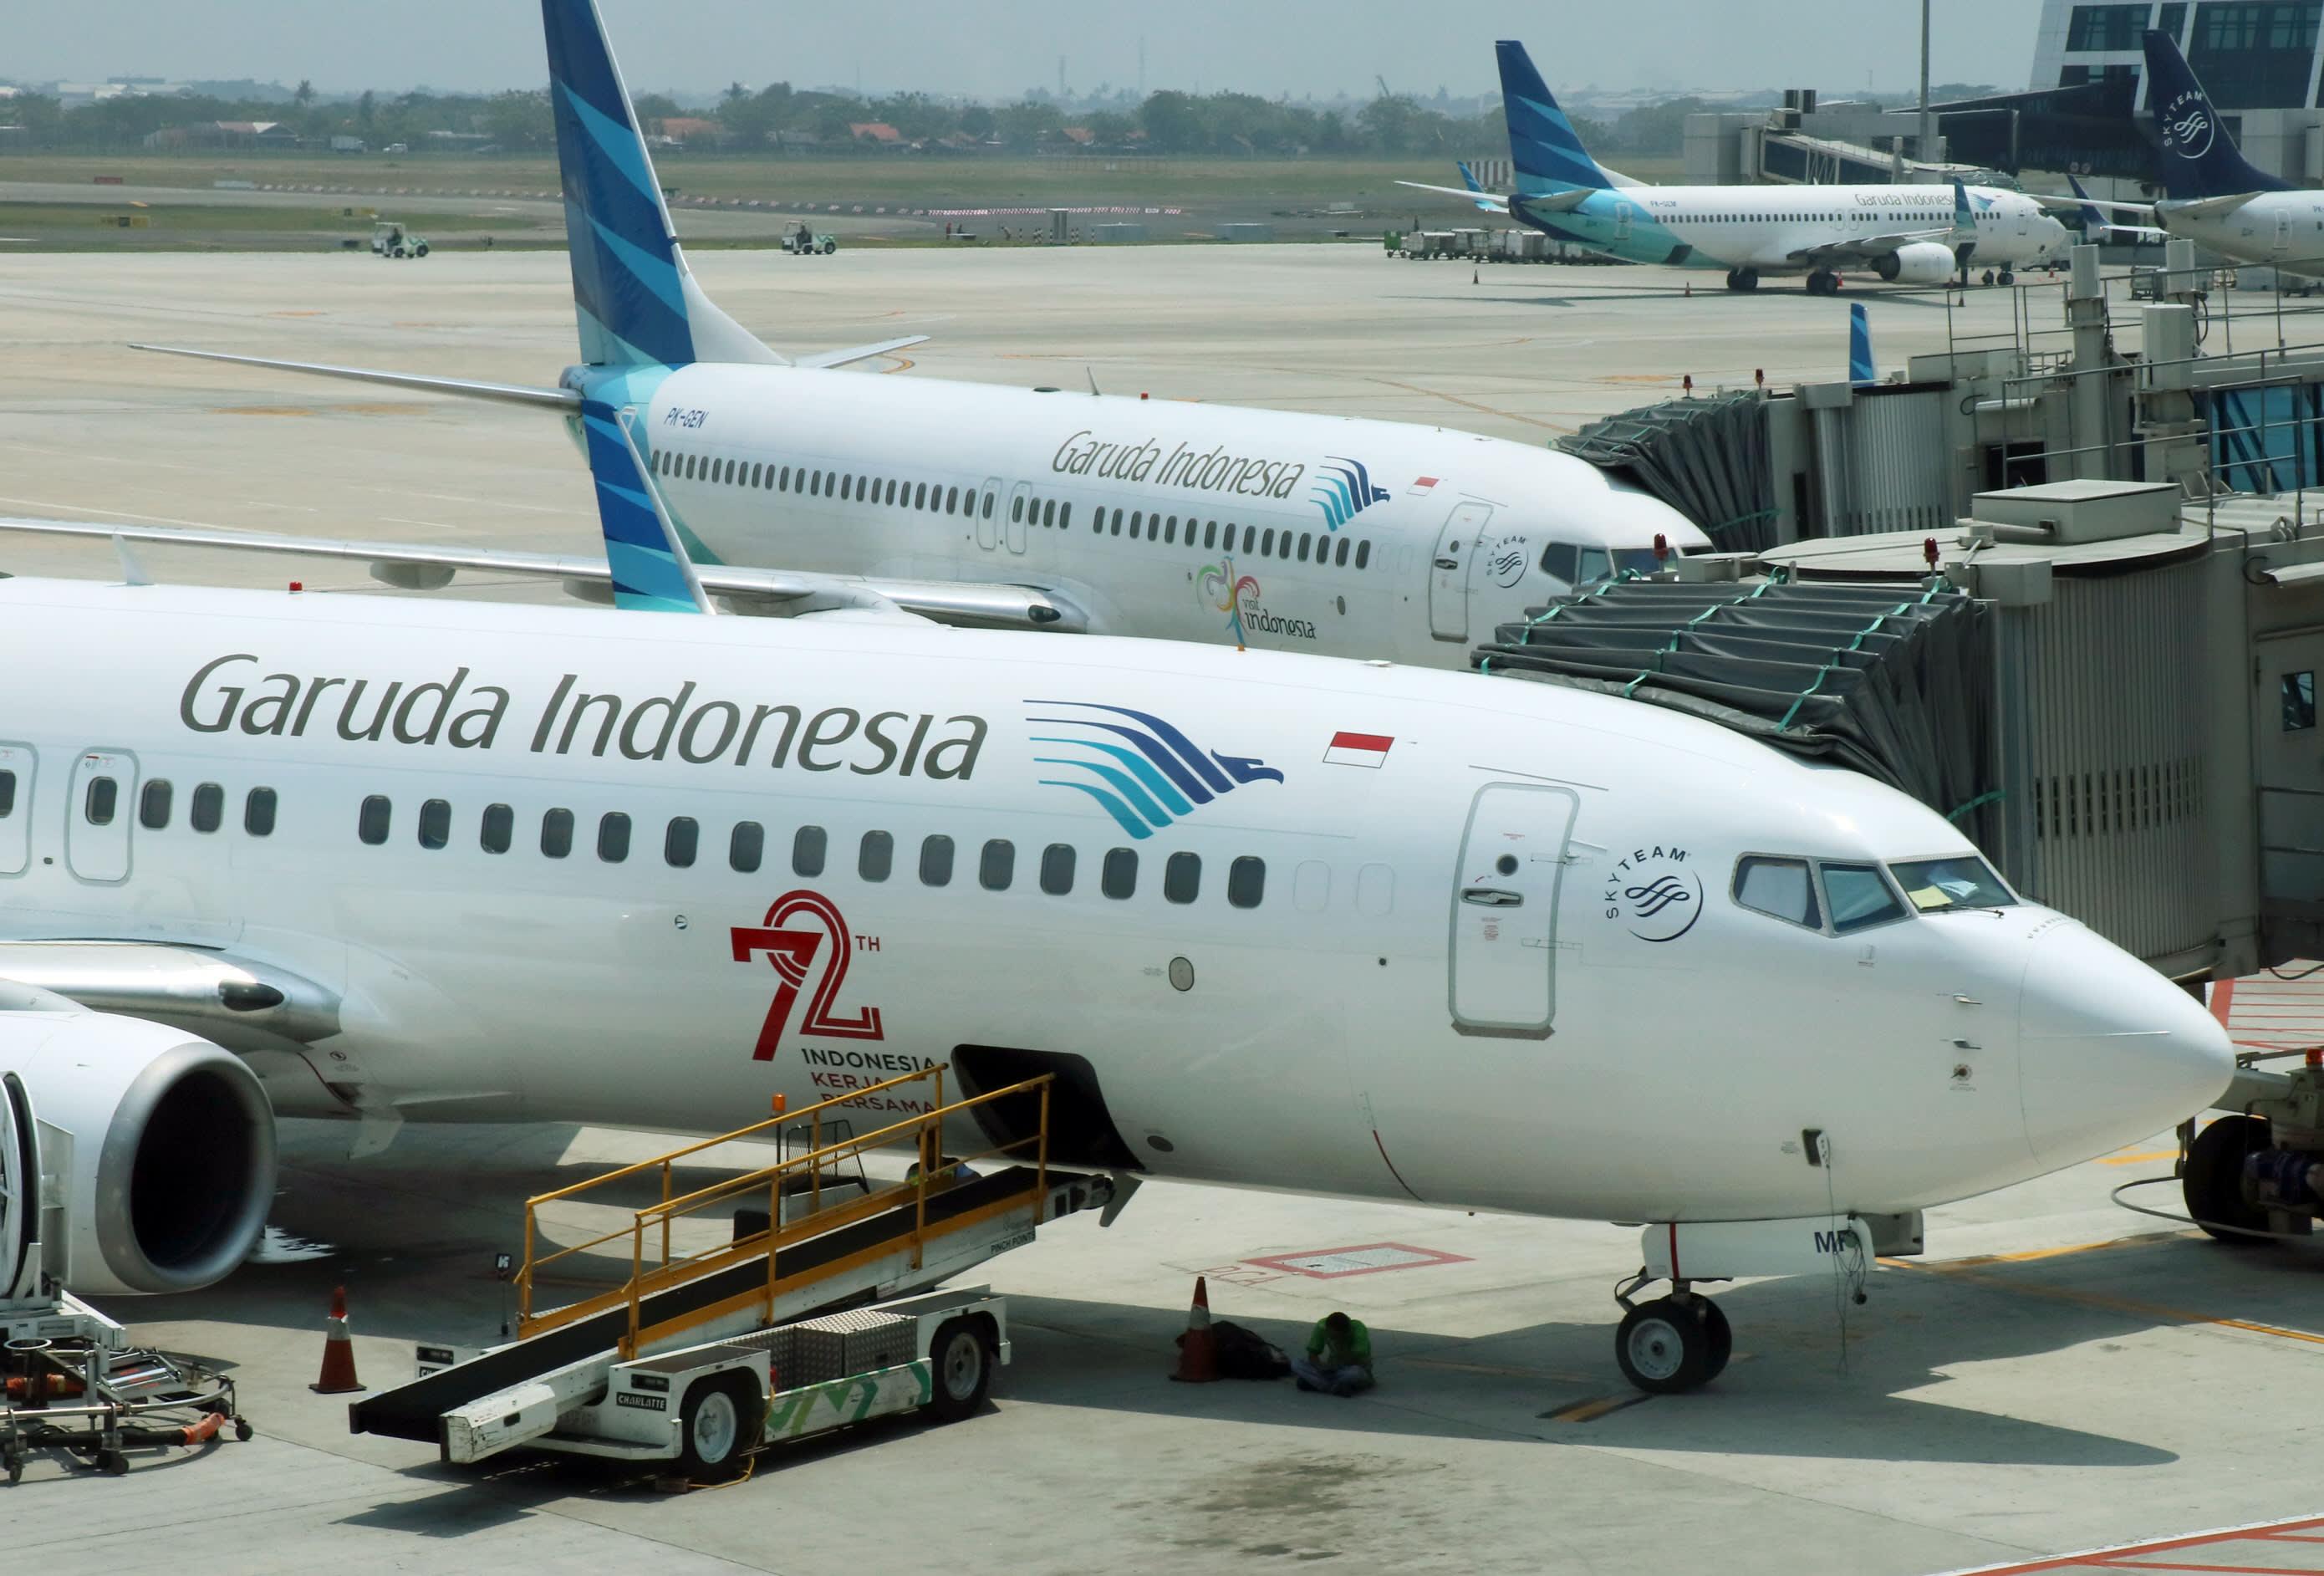 Resultado de imagen para Garuda Indonesia airlines